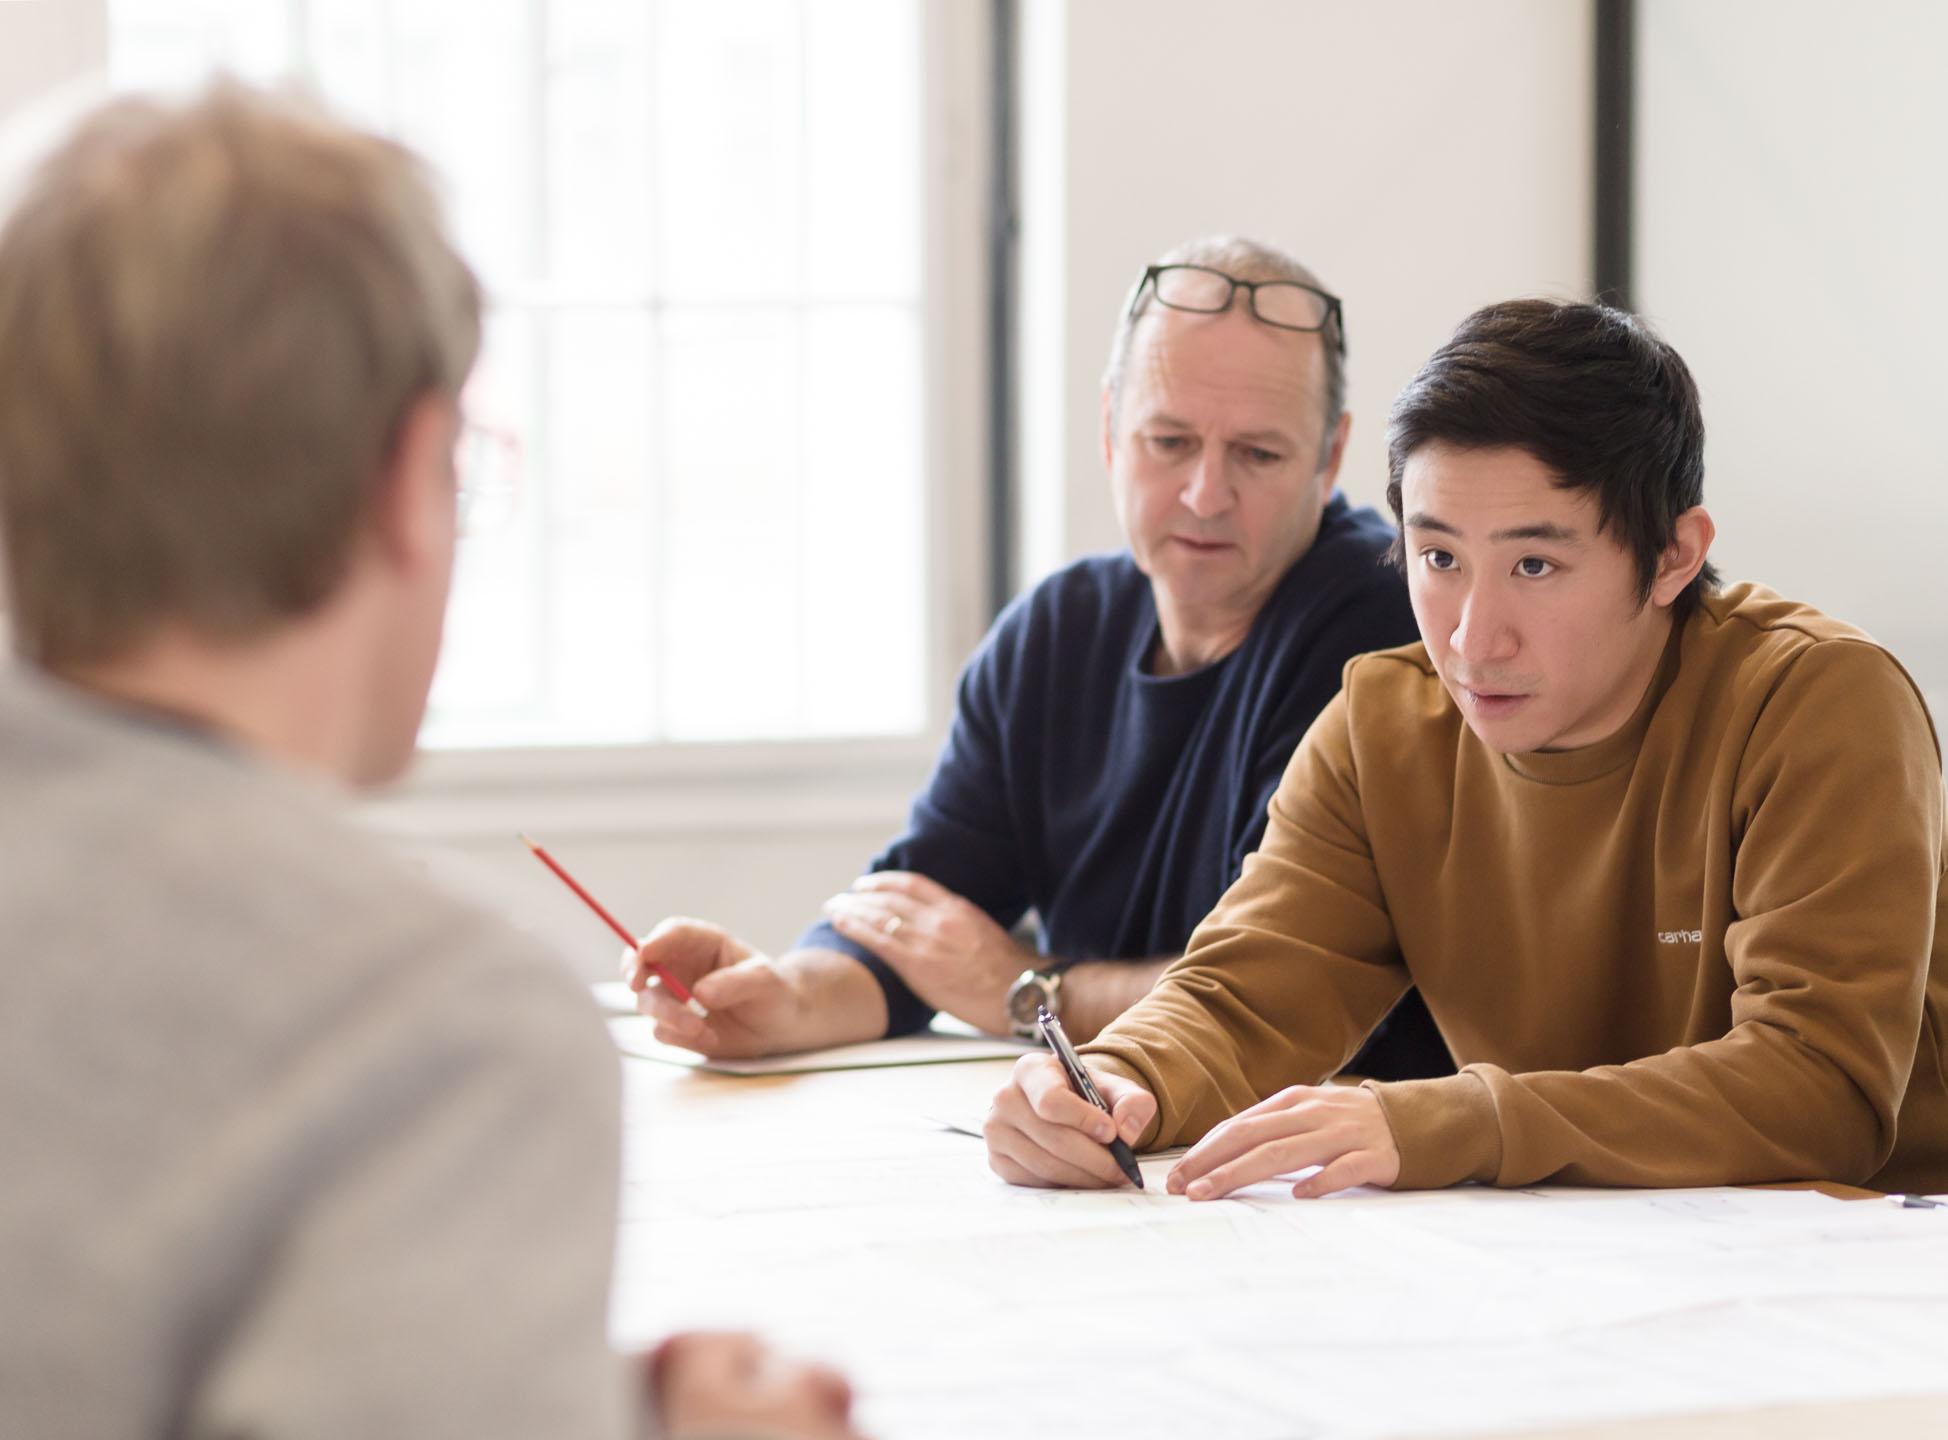 Foto einer Besprechung in einem Architekturbüro